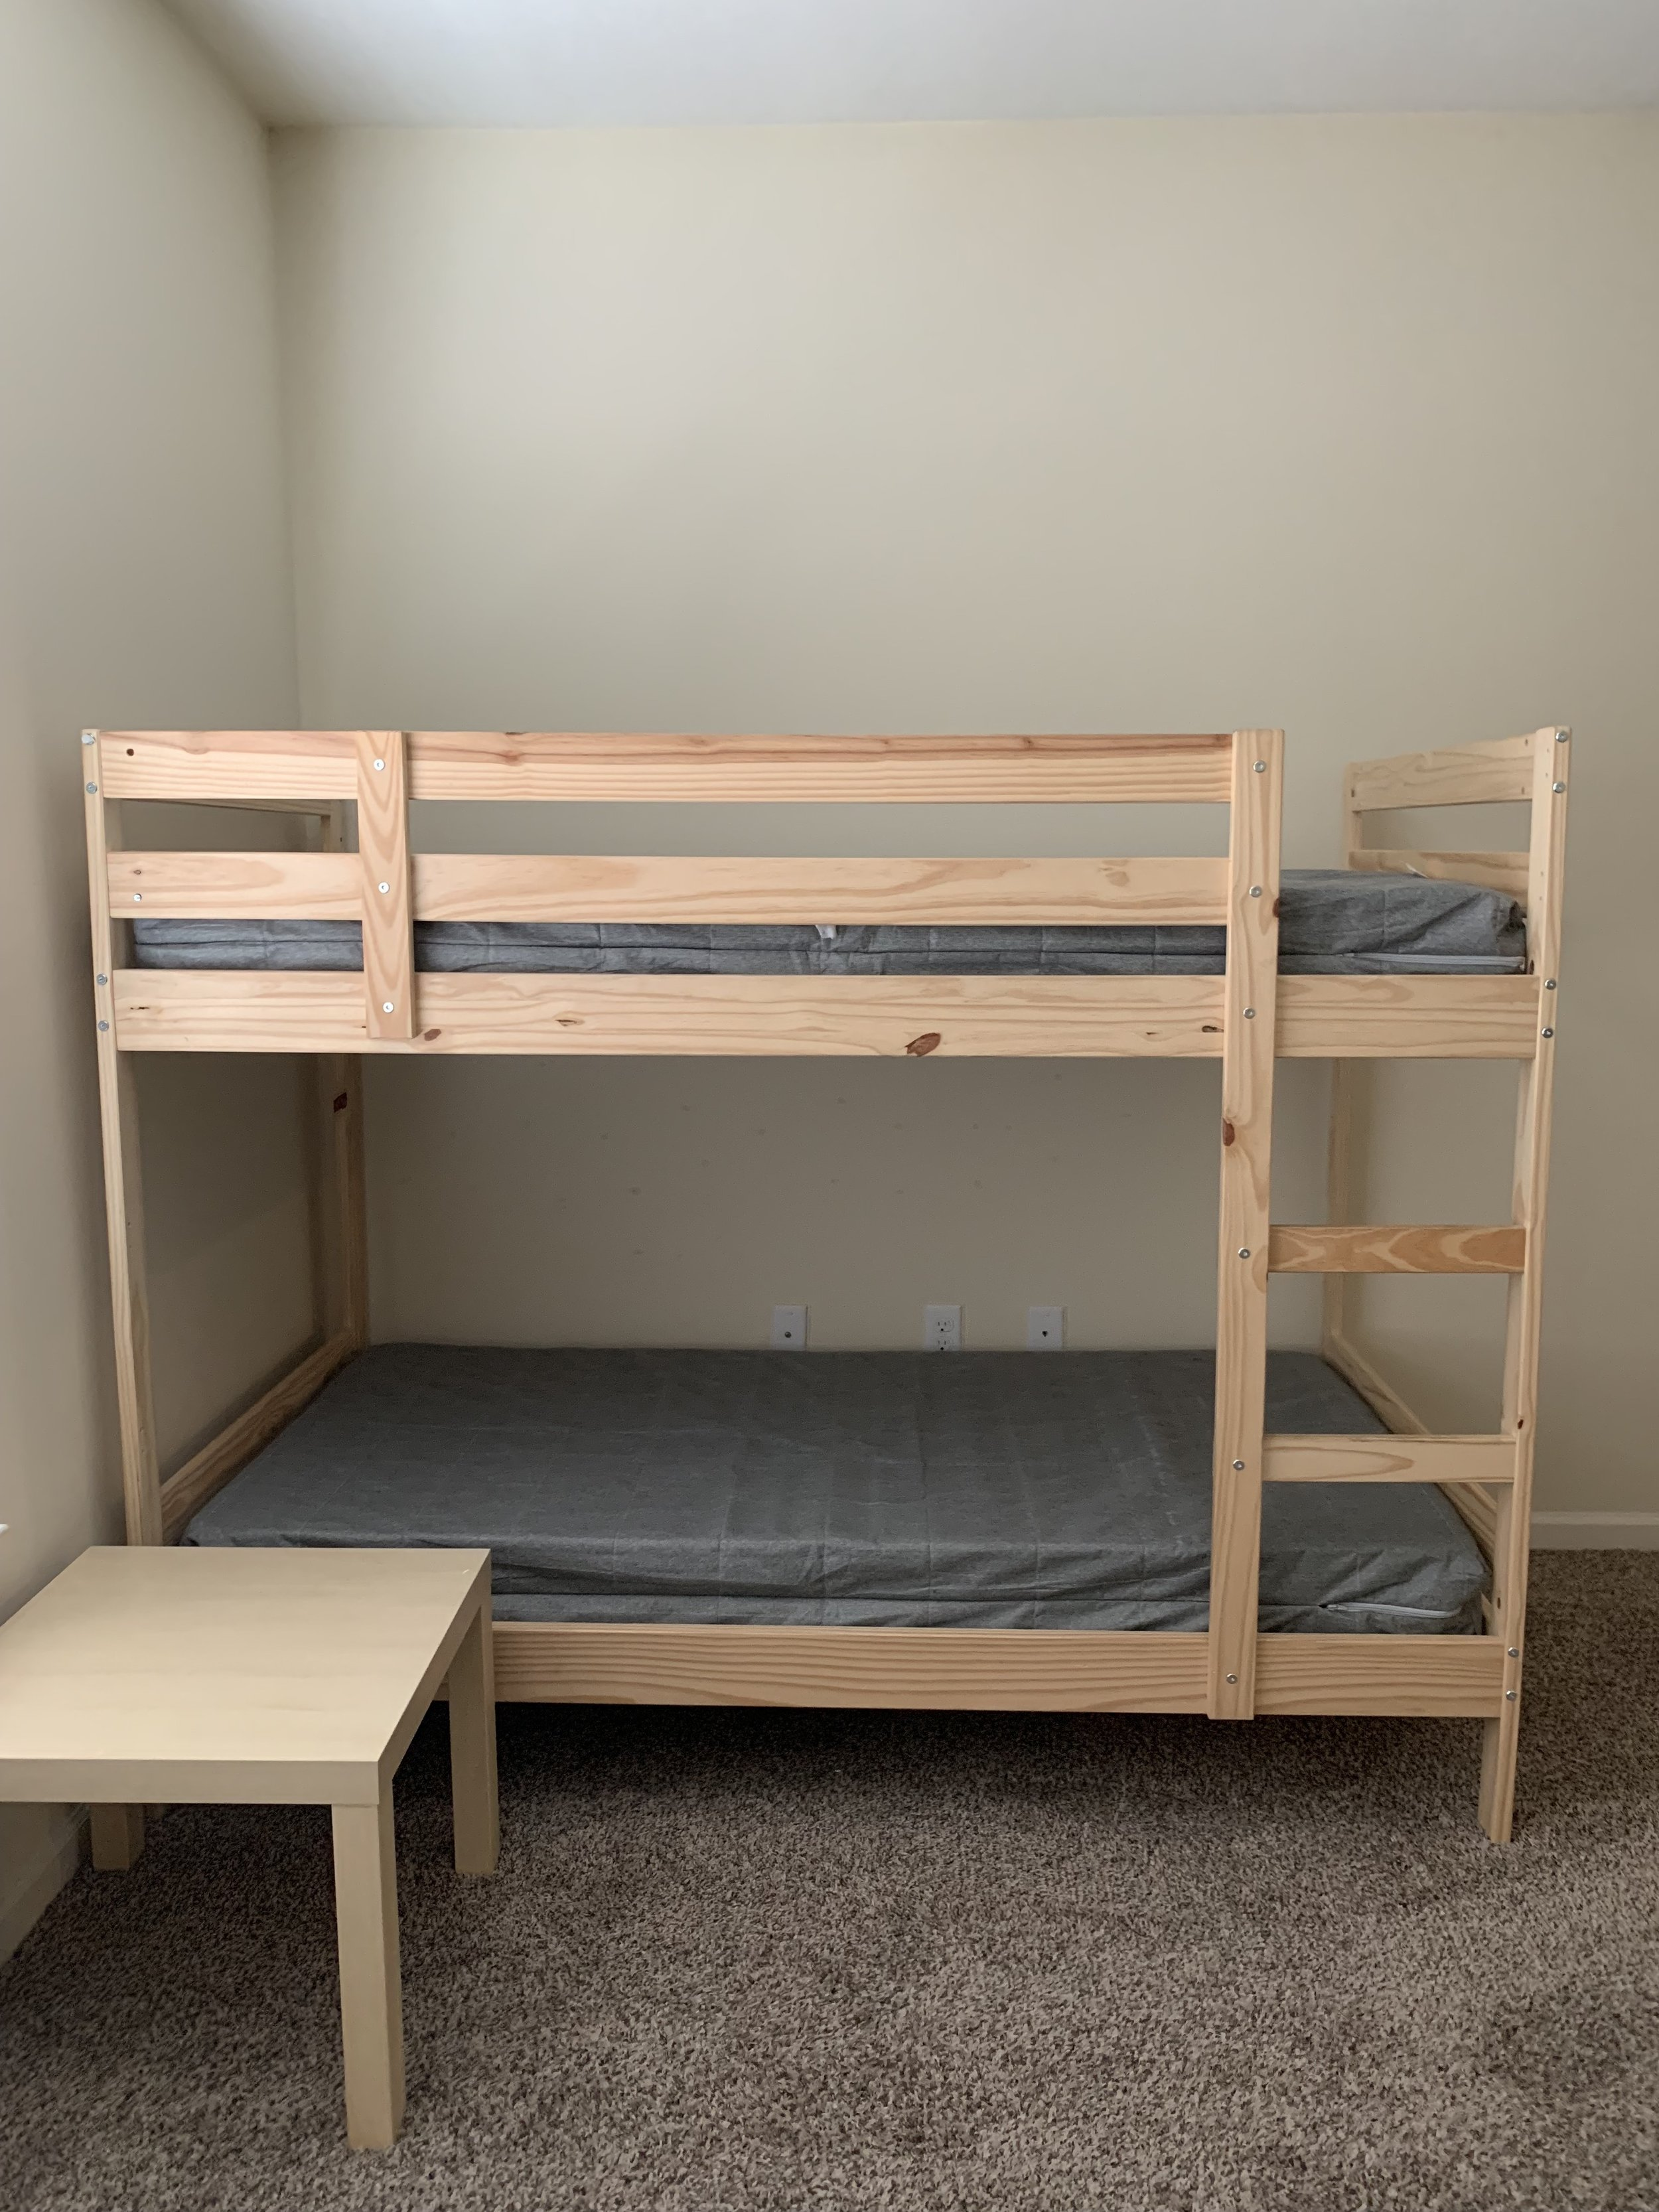 Bunk bed 3 - $90